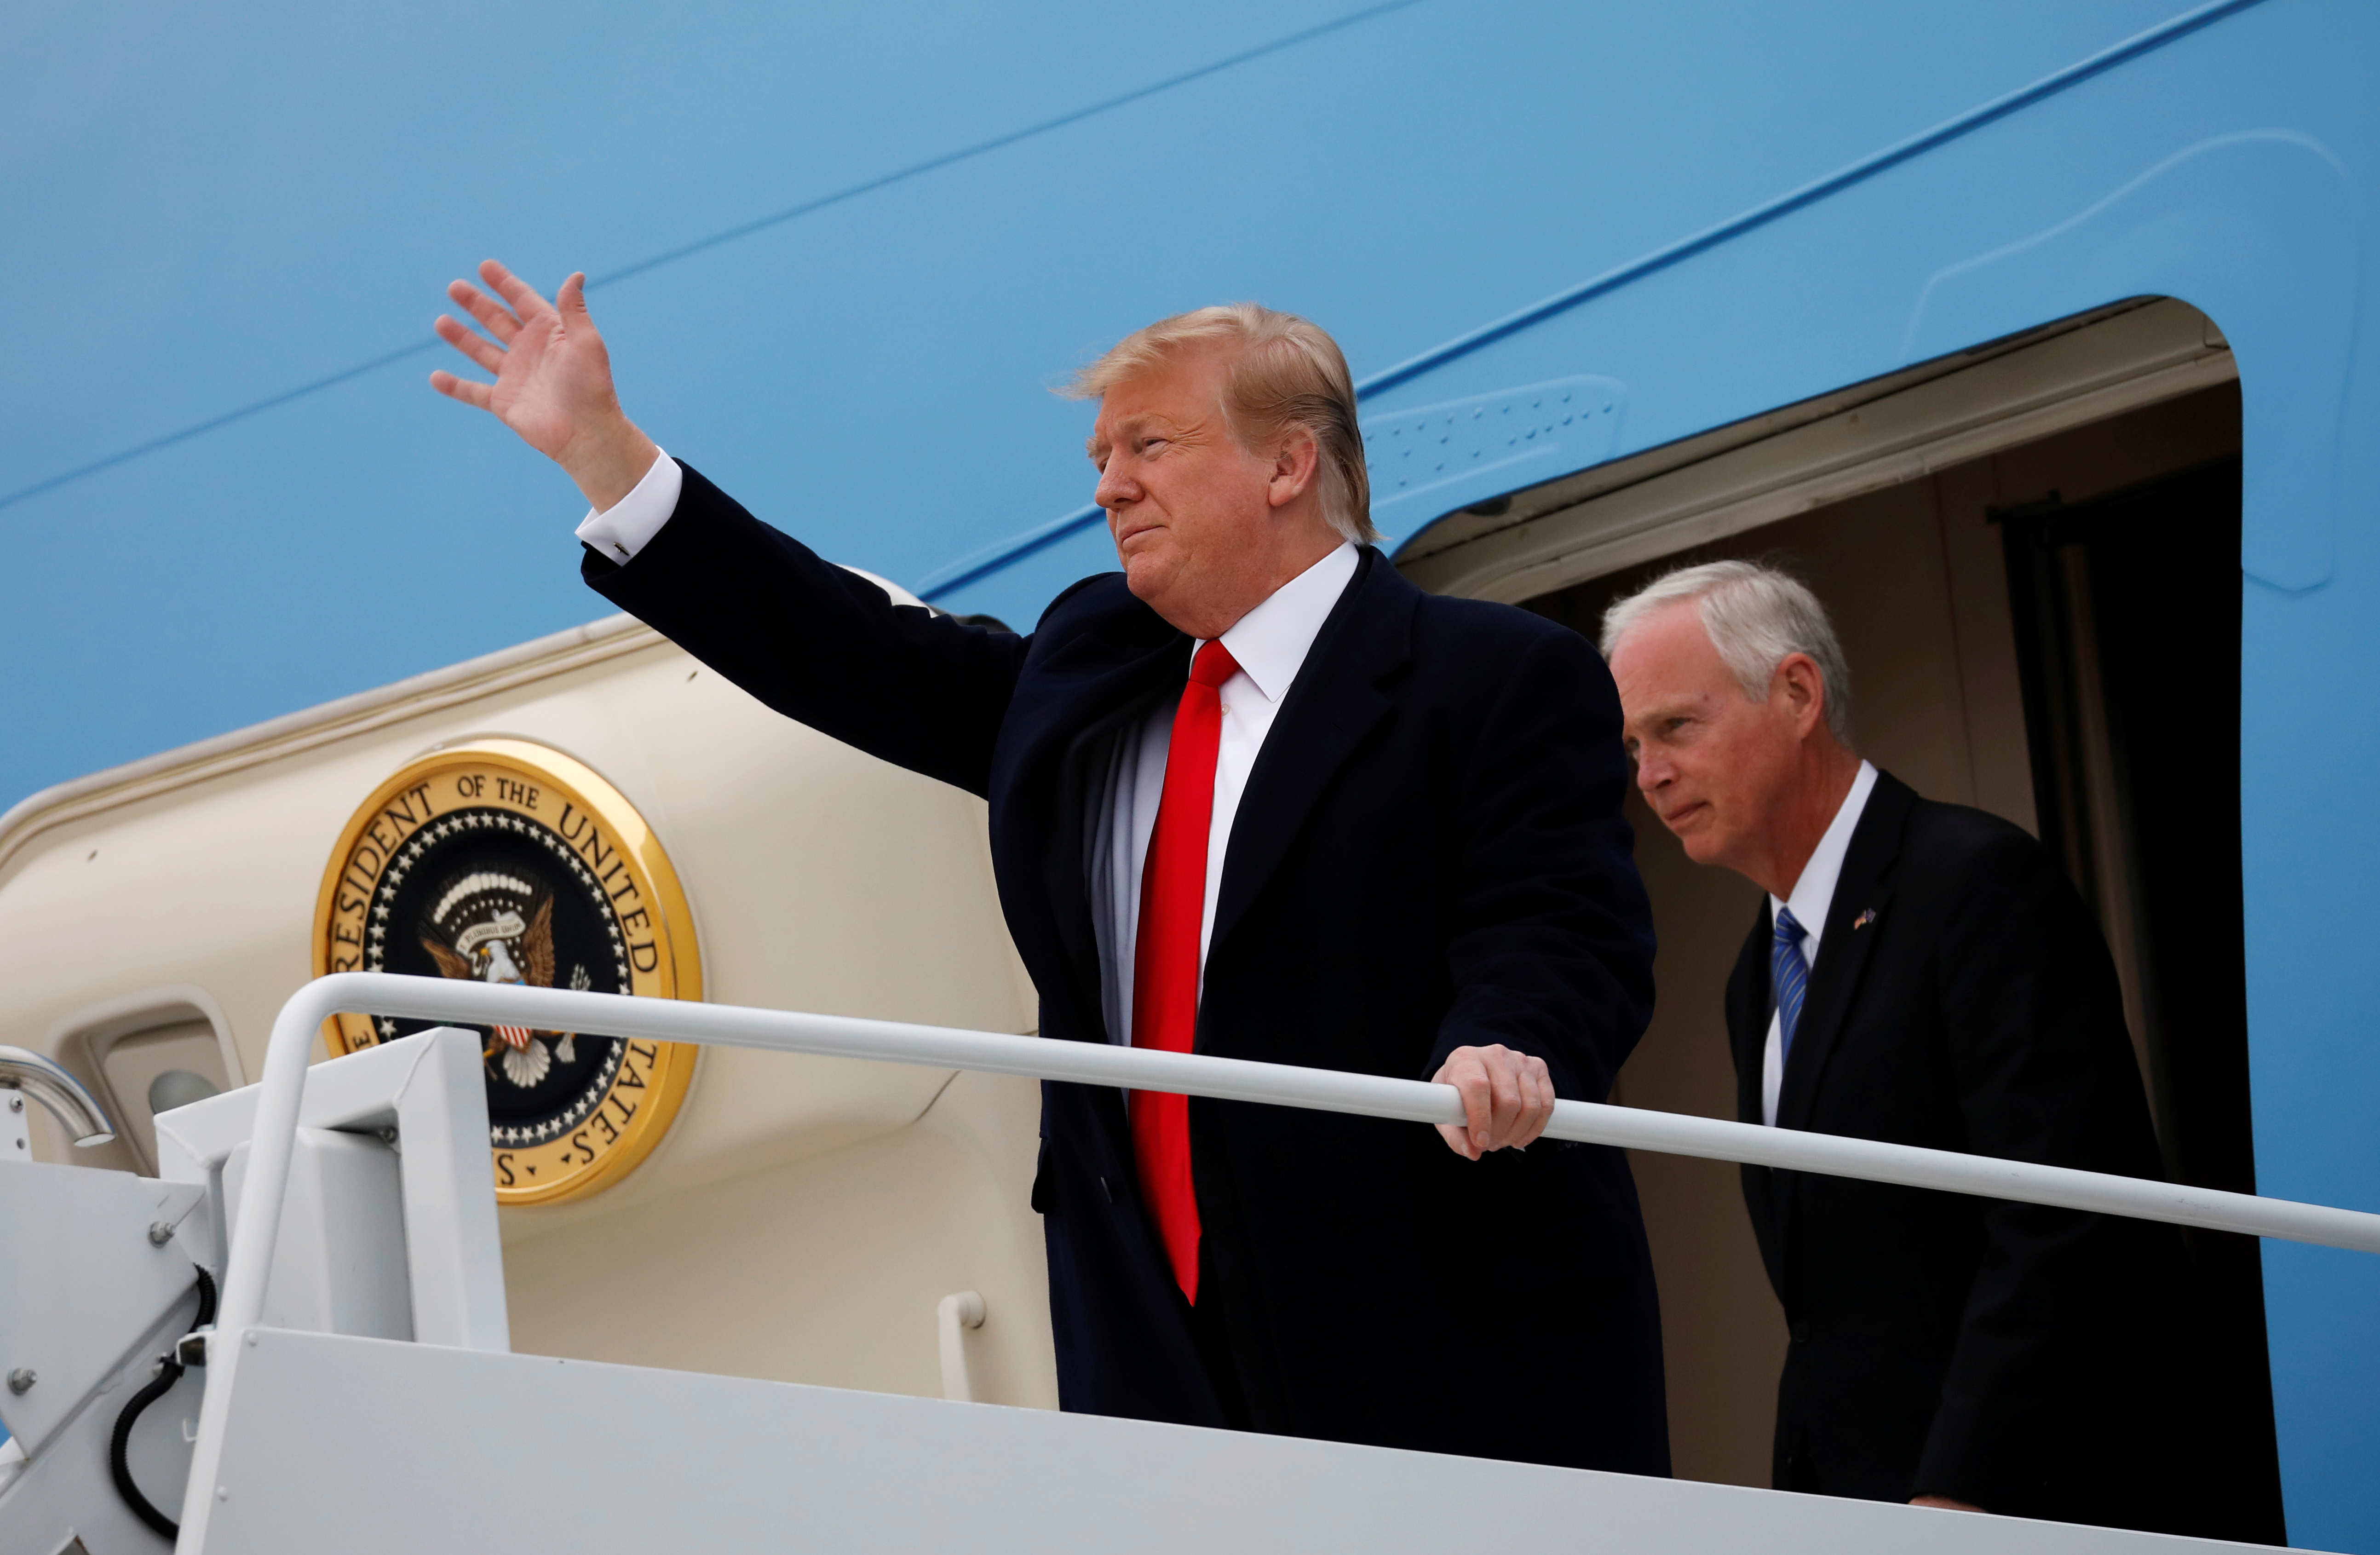 الرئيس الأمريكي دونالد ترامب يحيي الناس عند وصوله إلى مطار أوستن